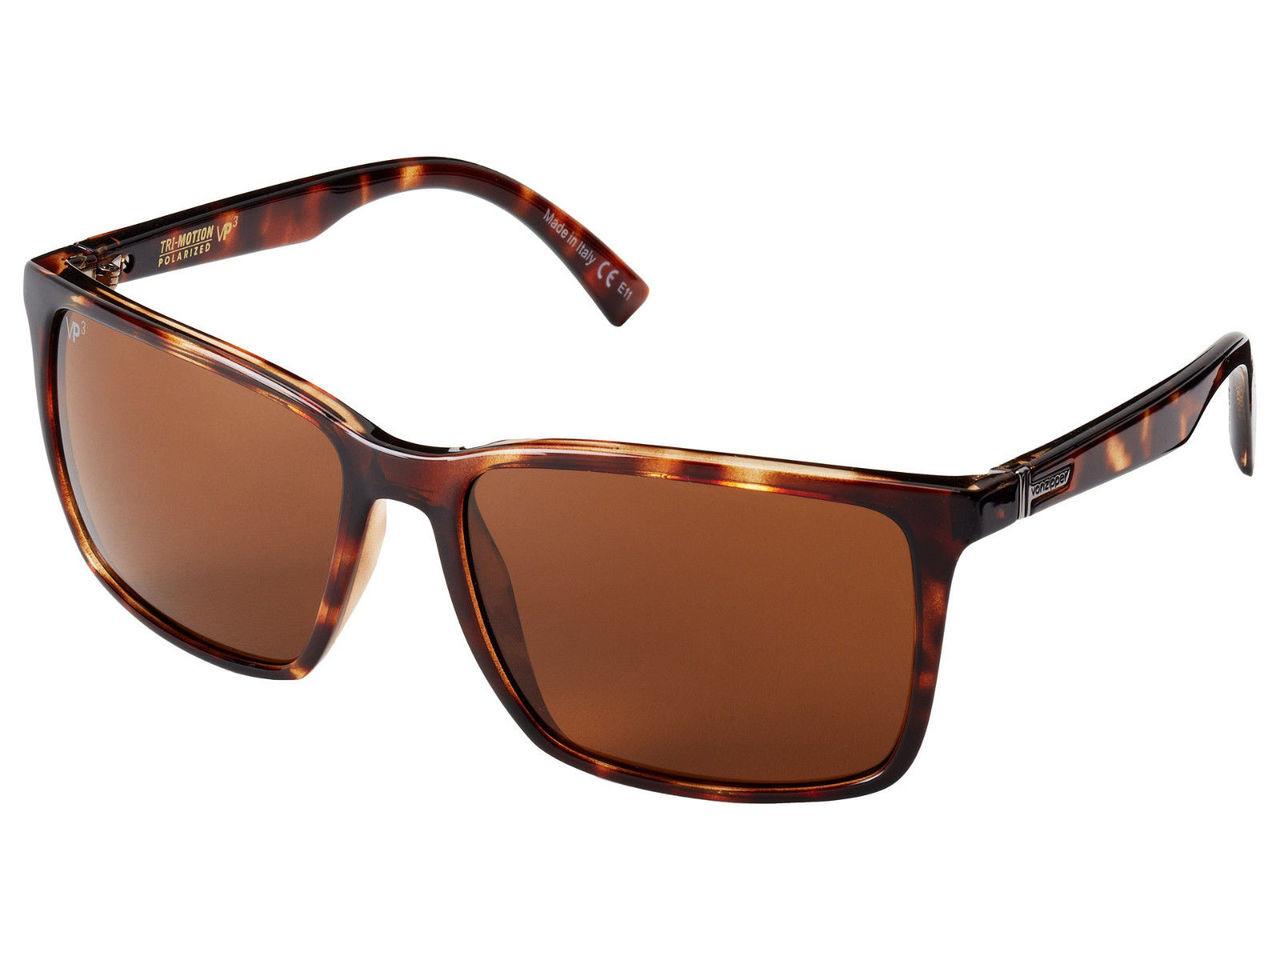 d8e324b8ba4be Add to Wish List. Click the button below to add the Von Zipper Lesmore  Sunglasses - Tobacco Tortoise - Bronze Polar ...